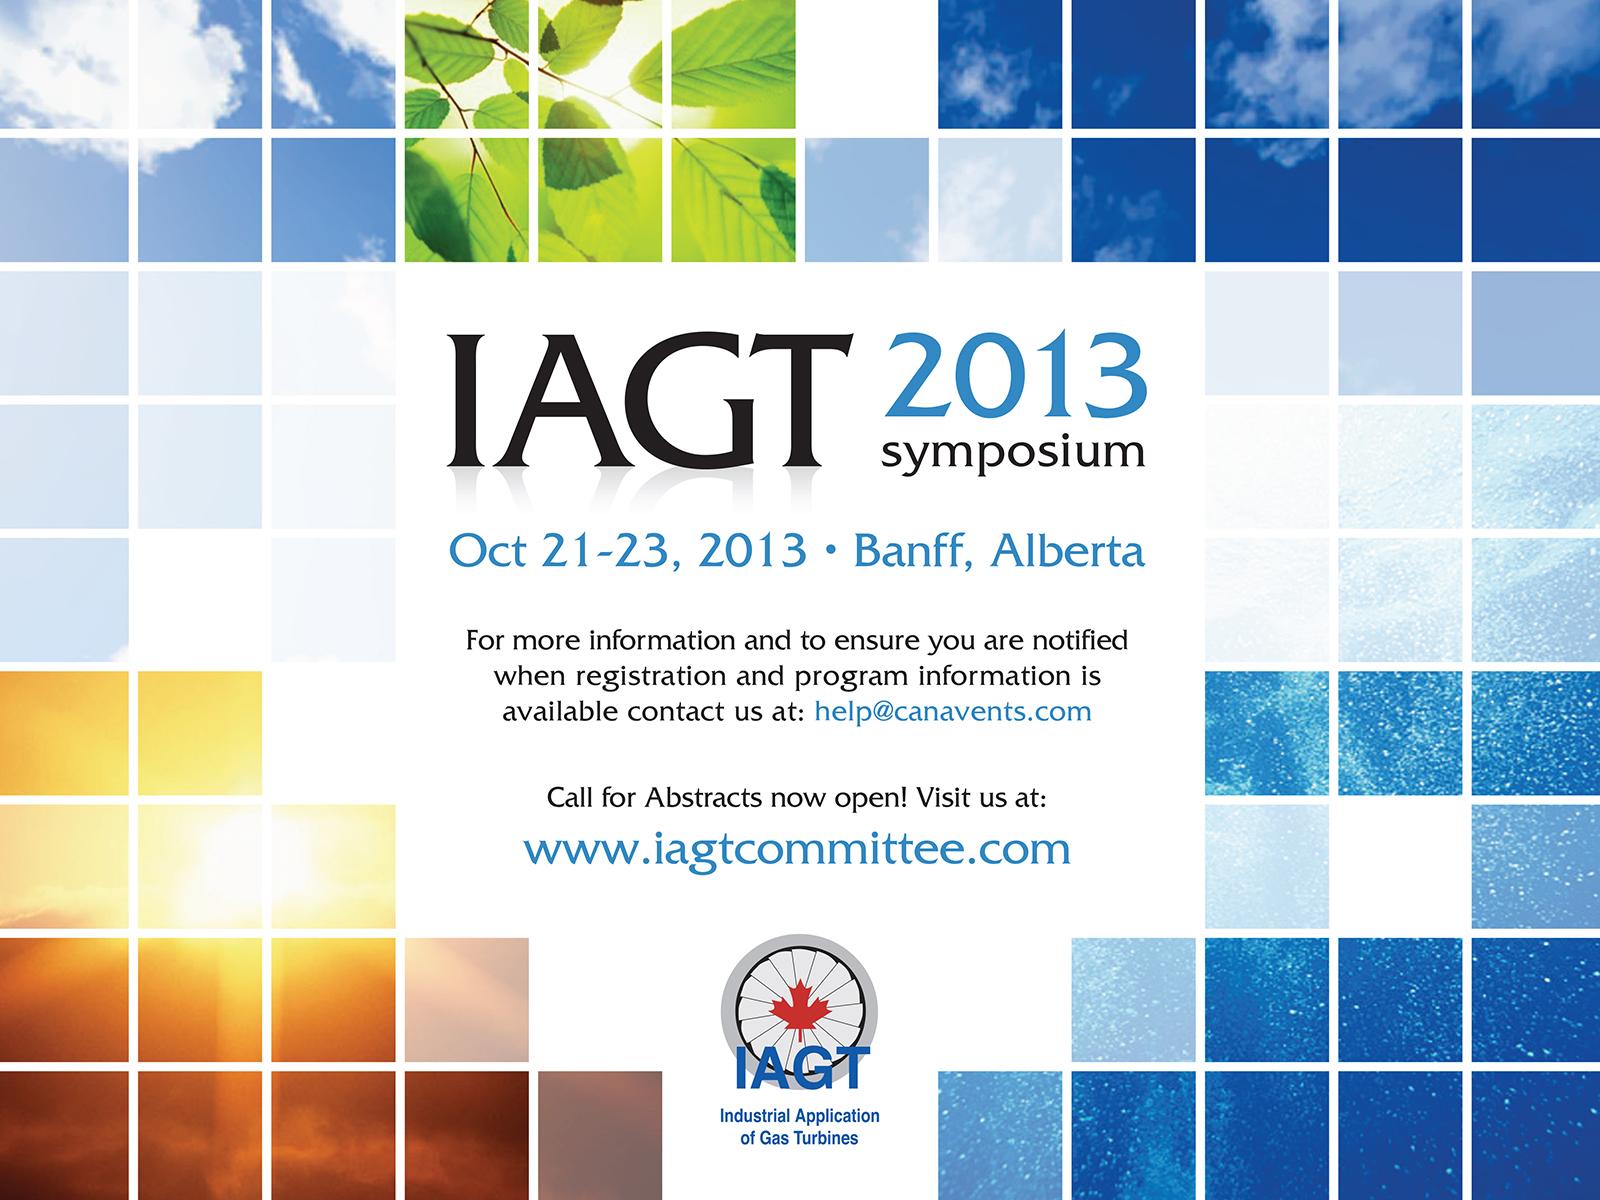 IAGT Symposium 2013